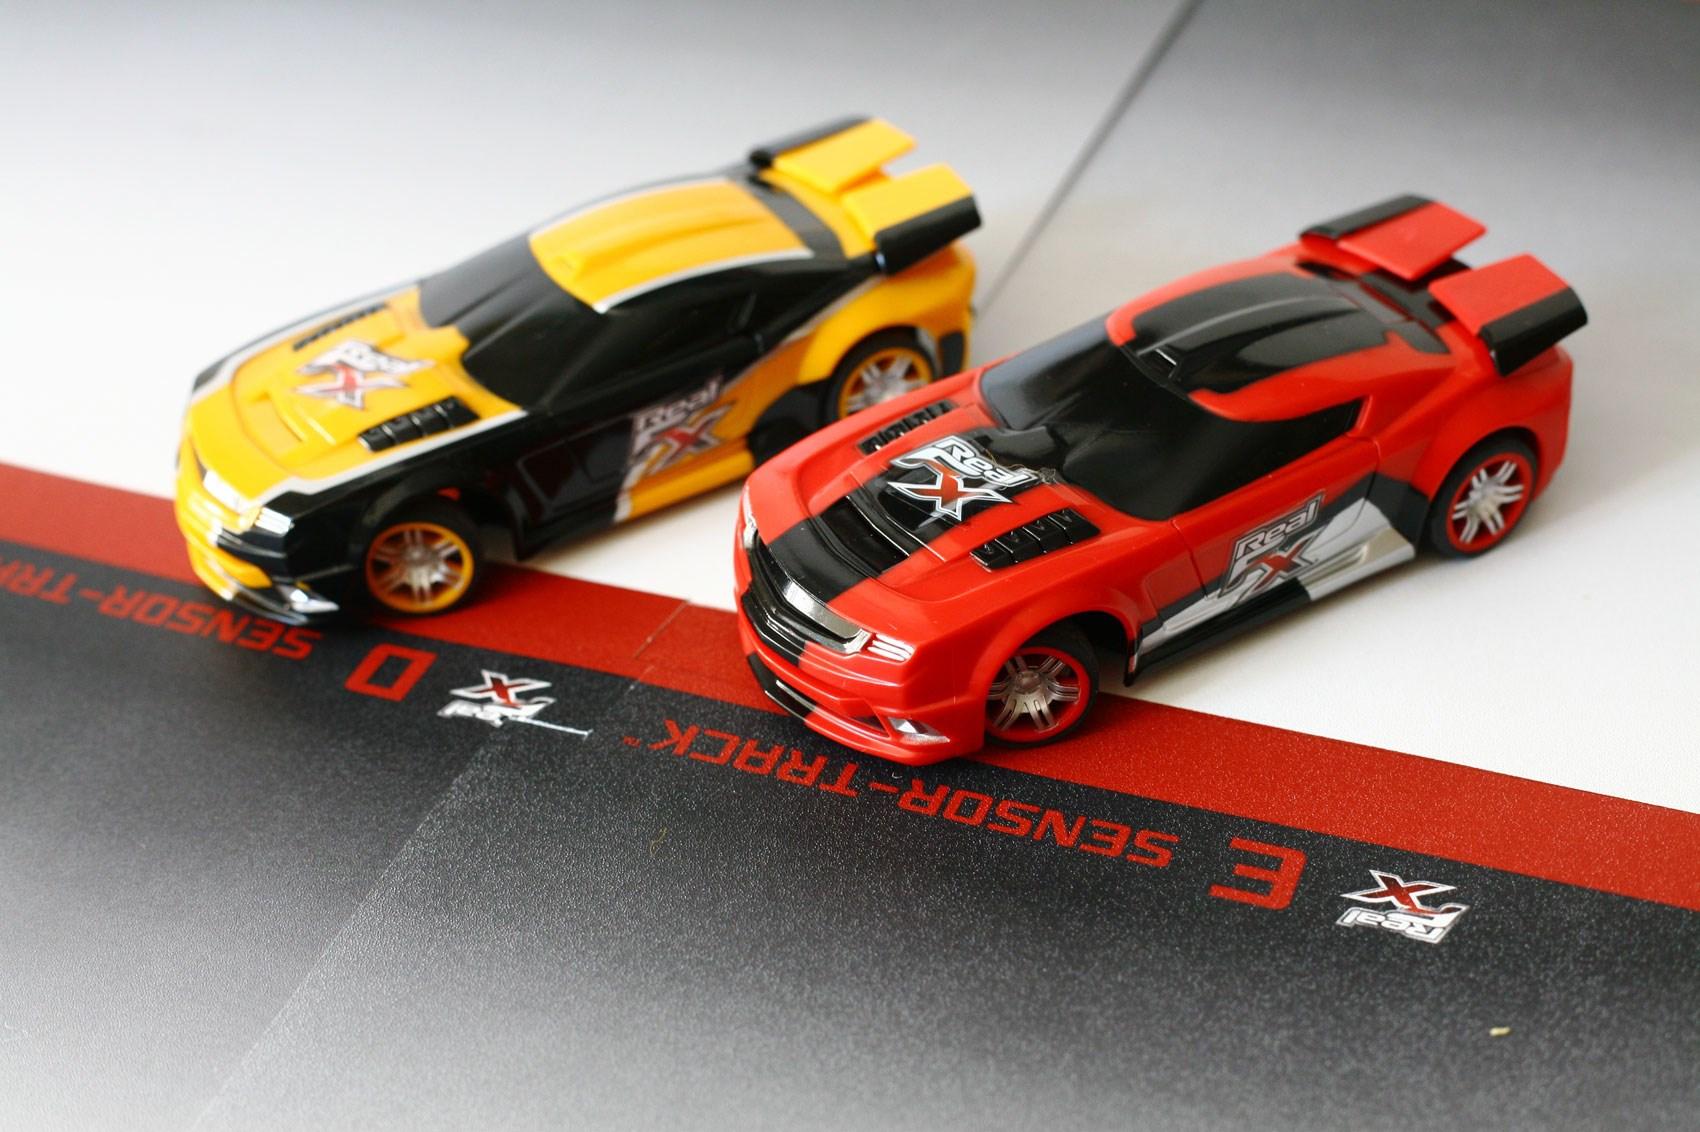 Racer Slot Cars Uk